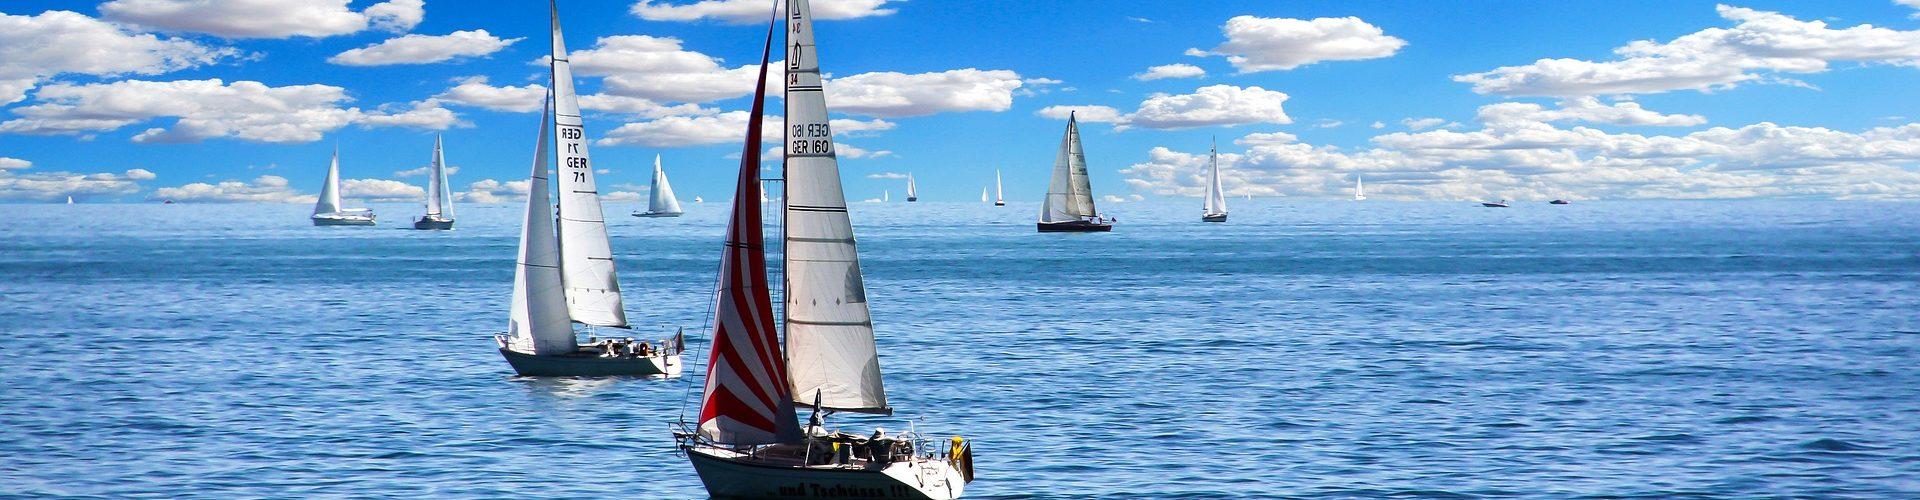 segeln lernen in Ahlen segelschein machen in Ahlen 1920x500 - Segeln lernen in Ahlen